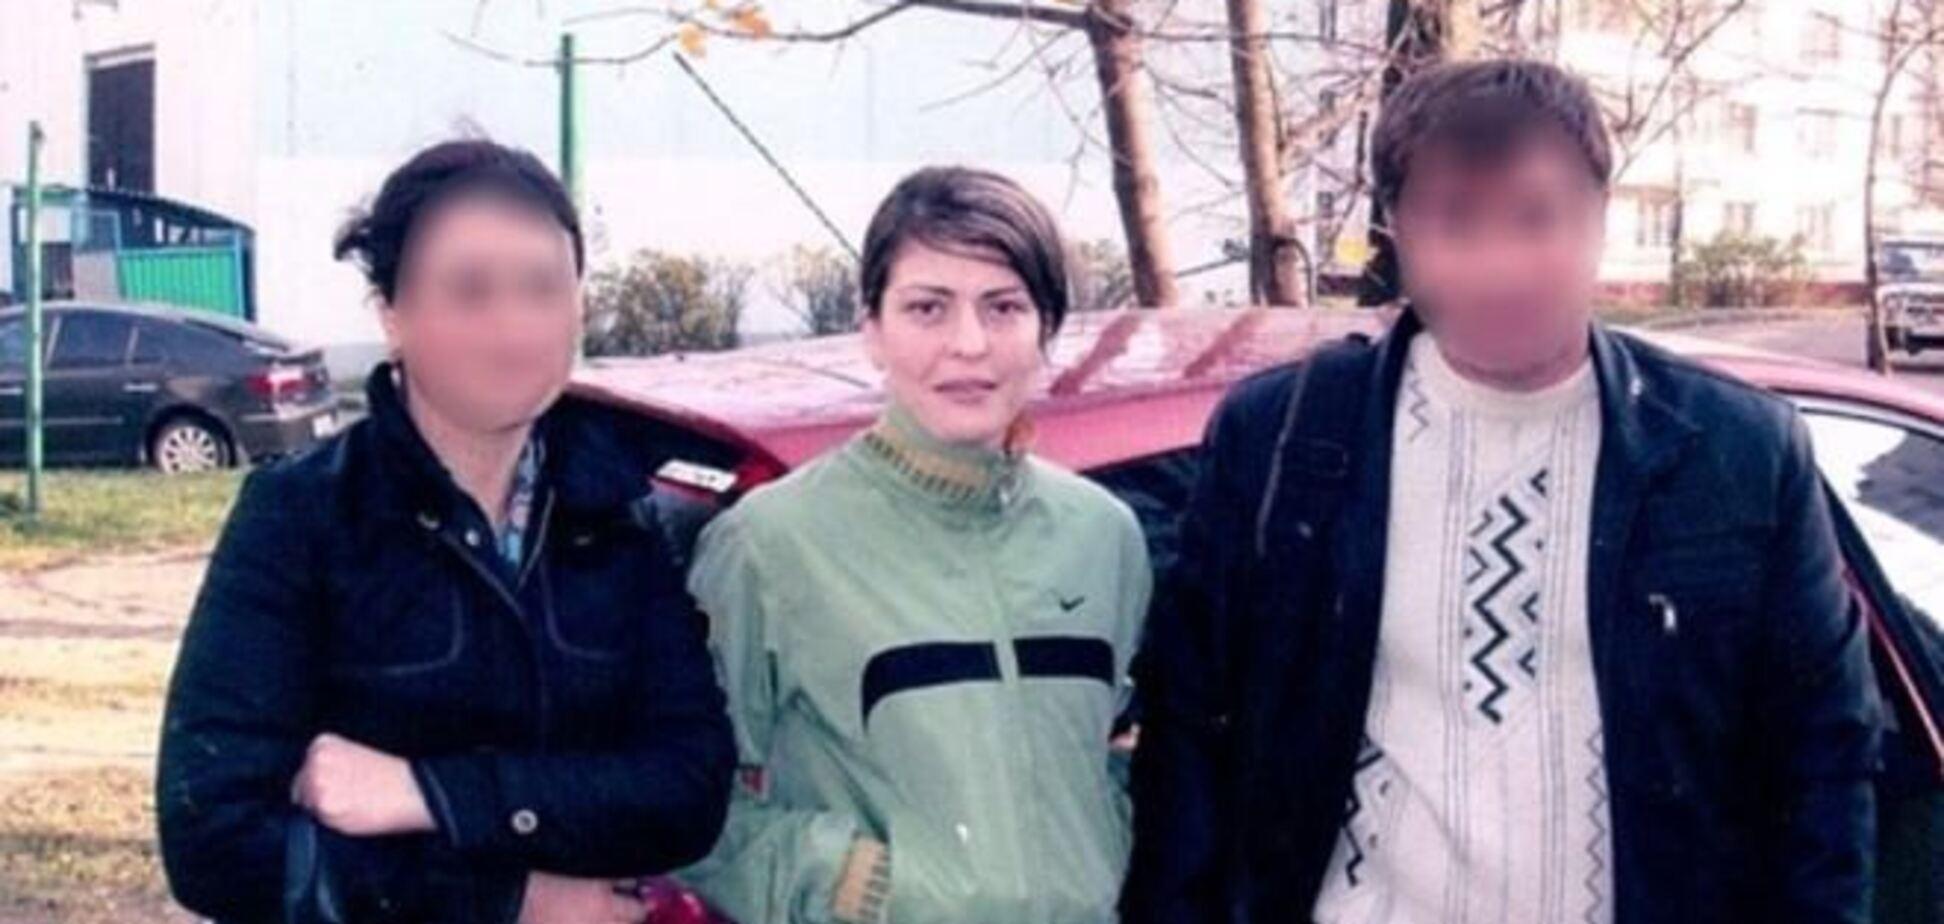 Волгоградська смертниця мала серйозні проблеми зі здоров'ям - СК